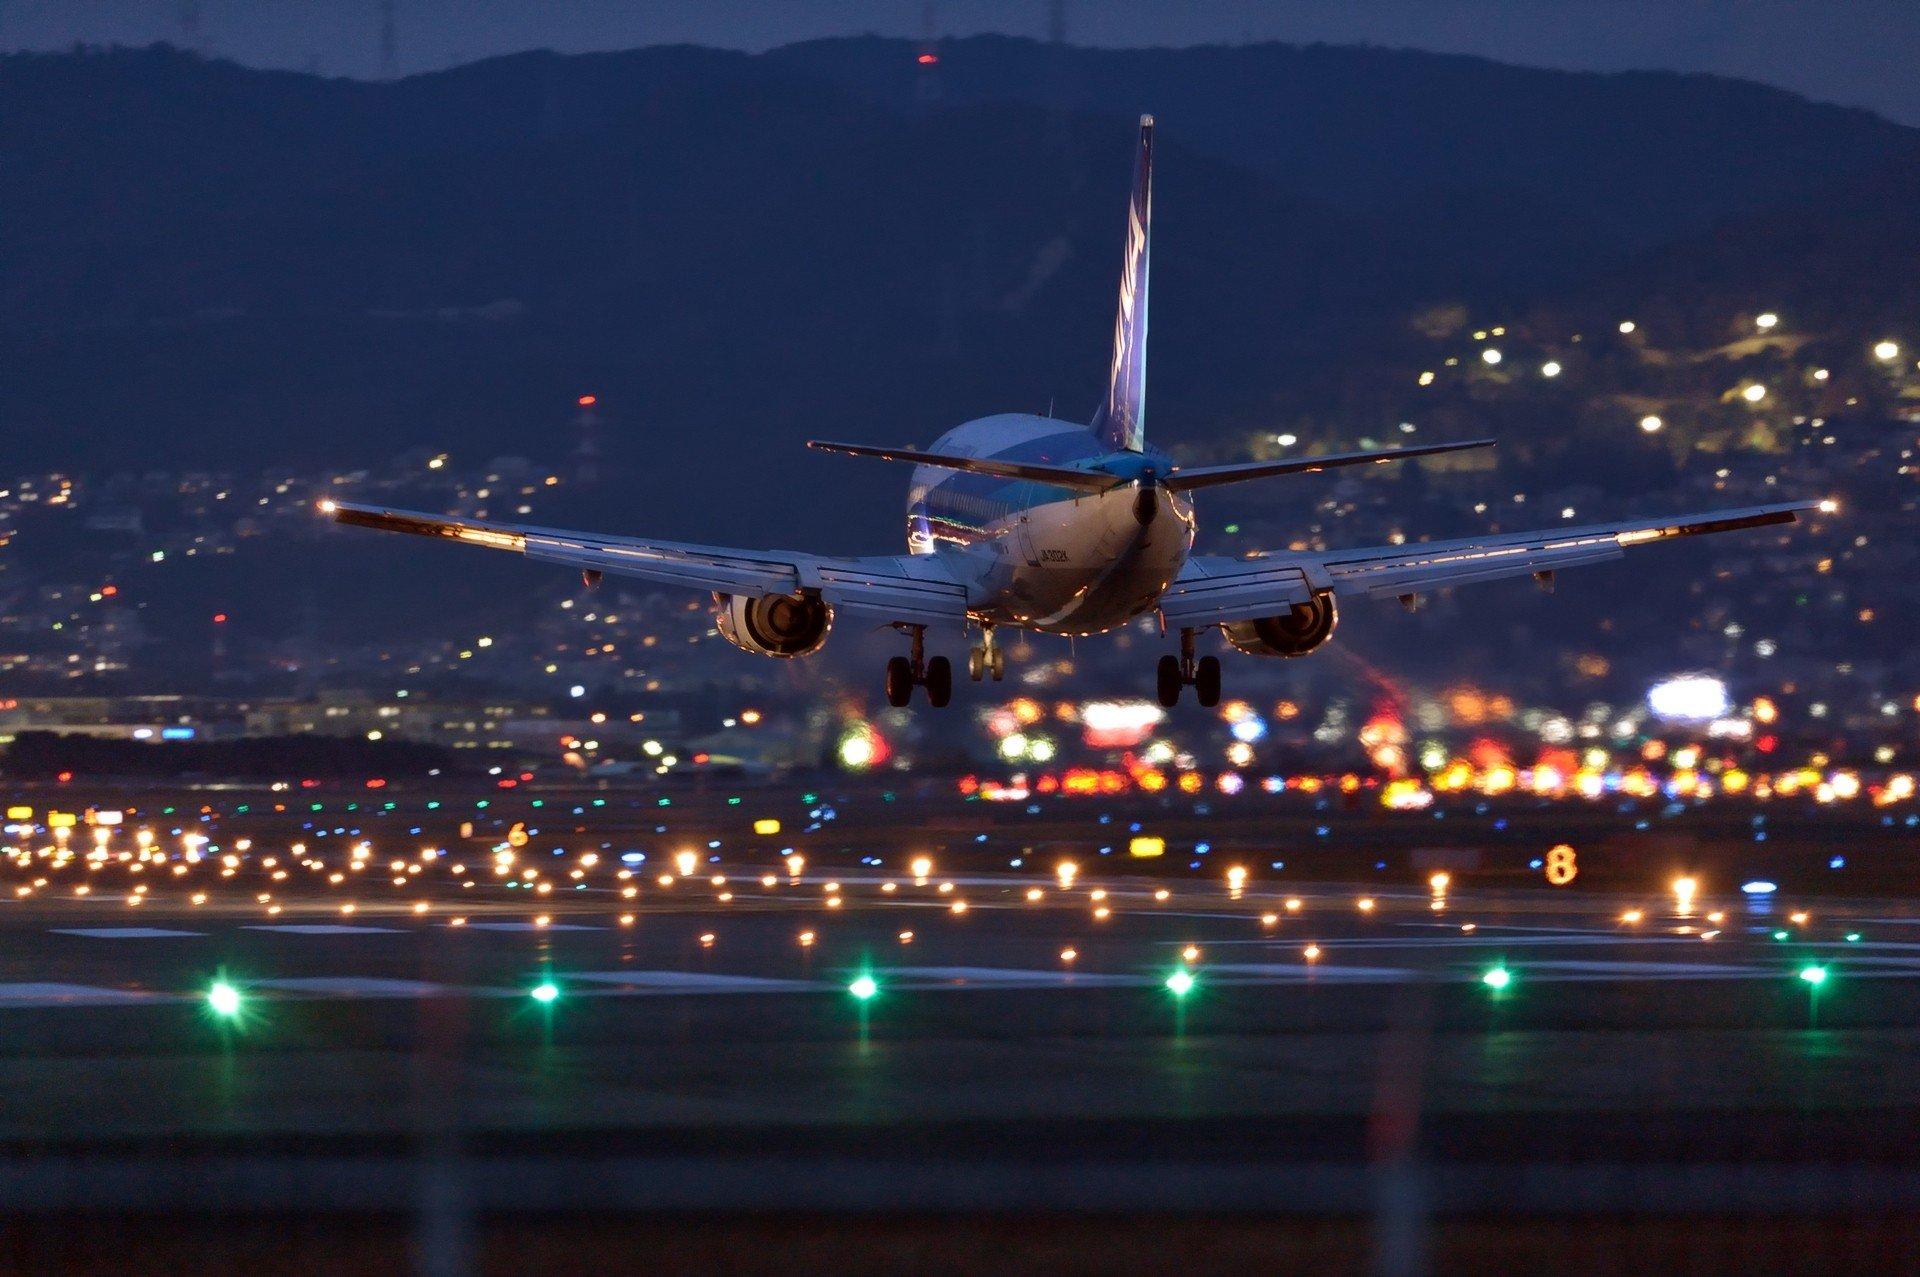 участница взлетающий самолет фото красивые картинки основных